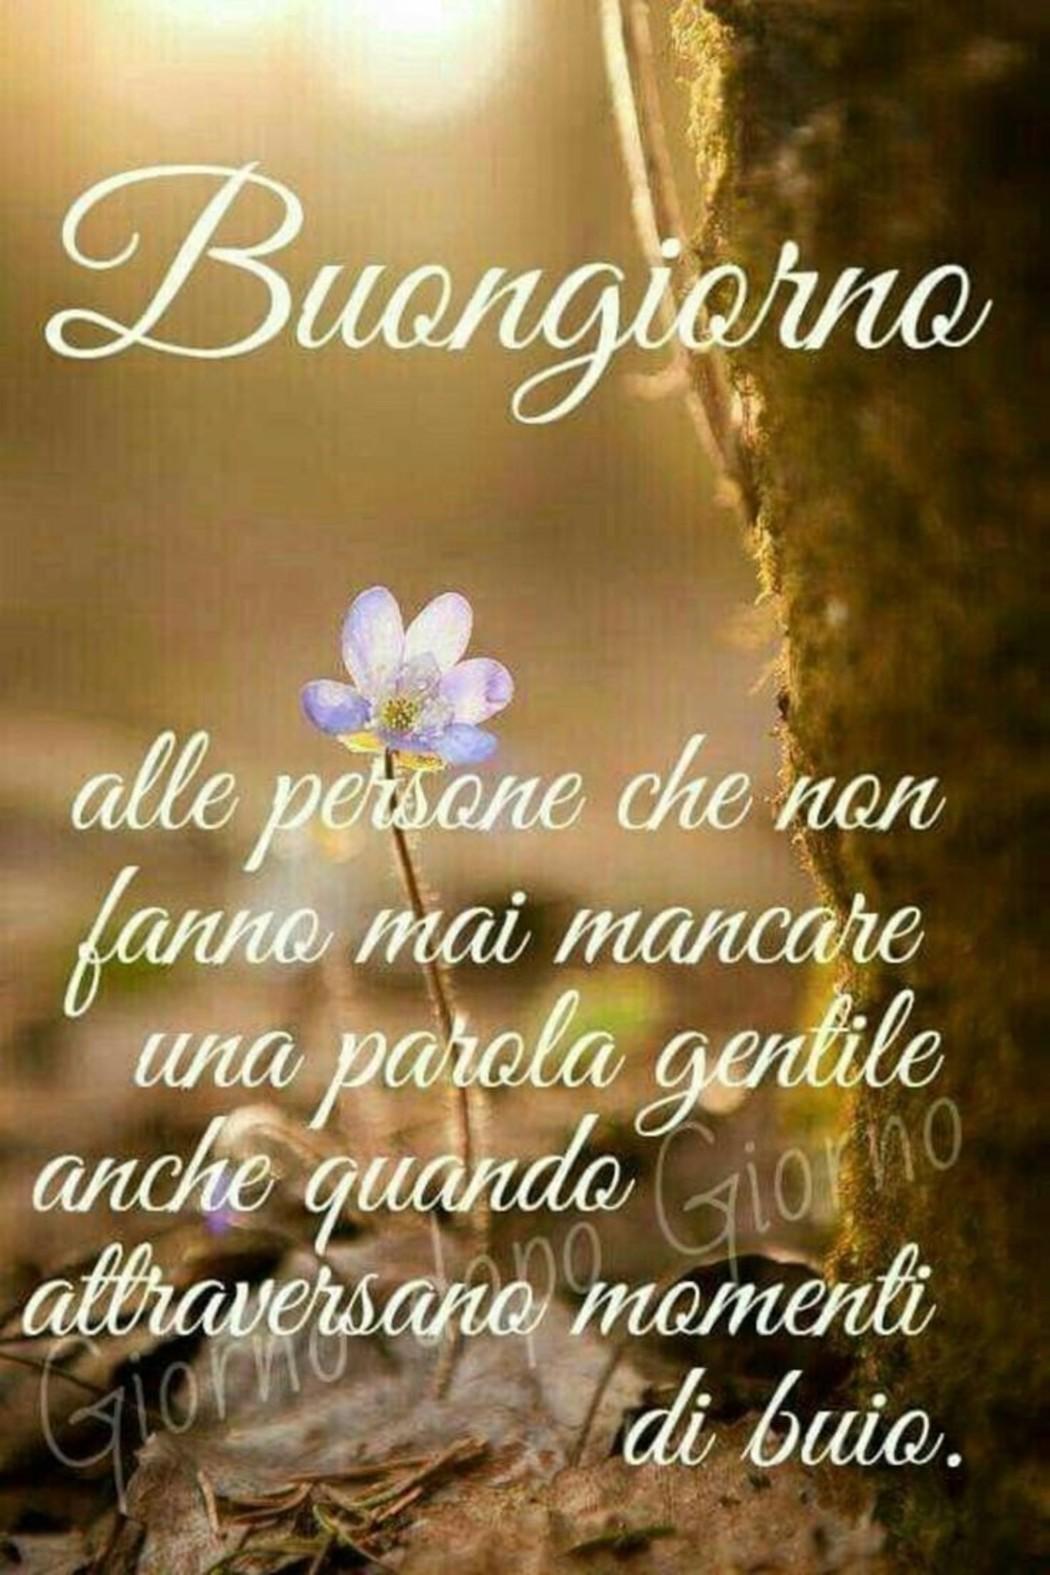 Belle Immagini Buongiorno Con Frasi 15 Fotowhatsapp It